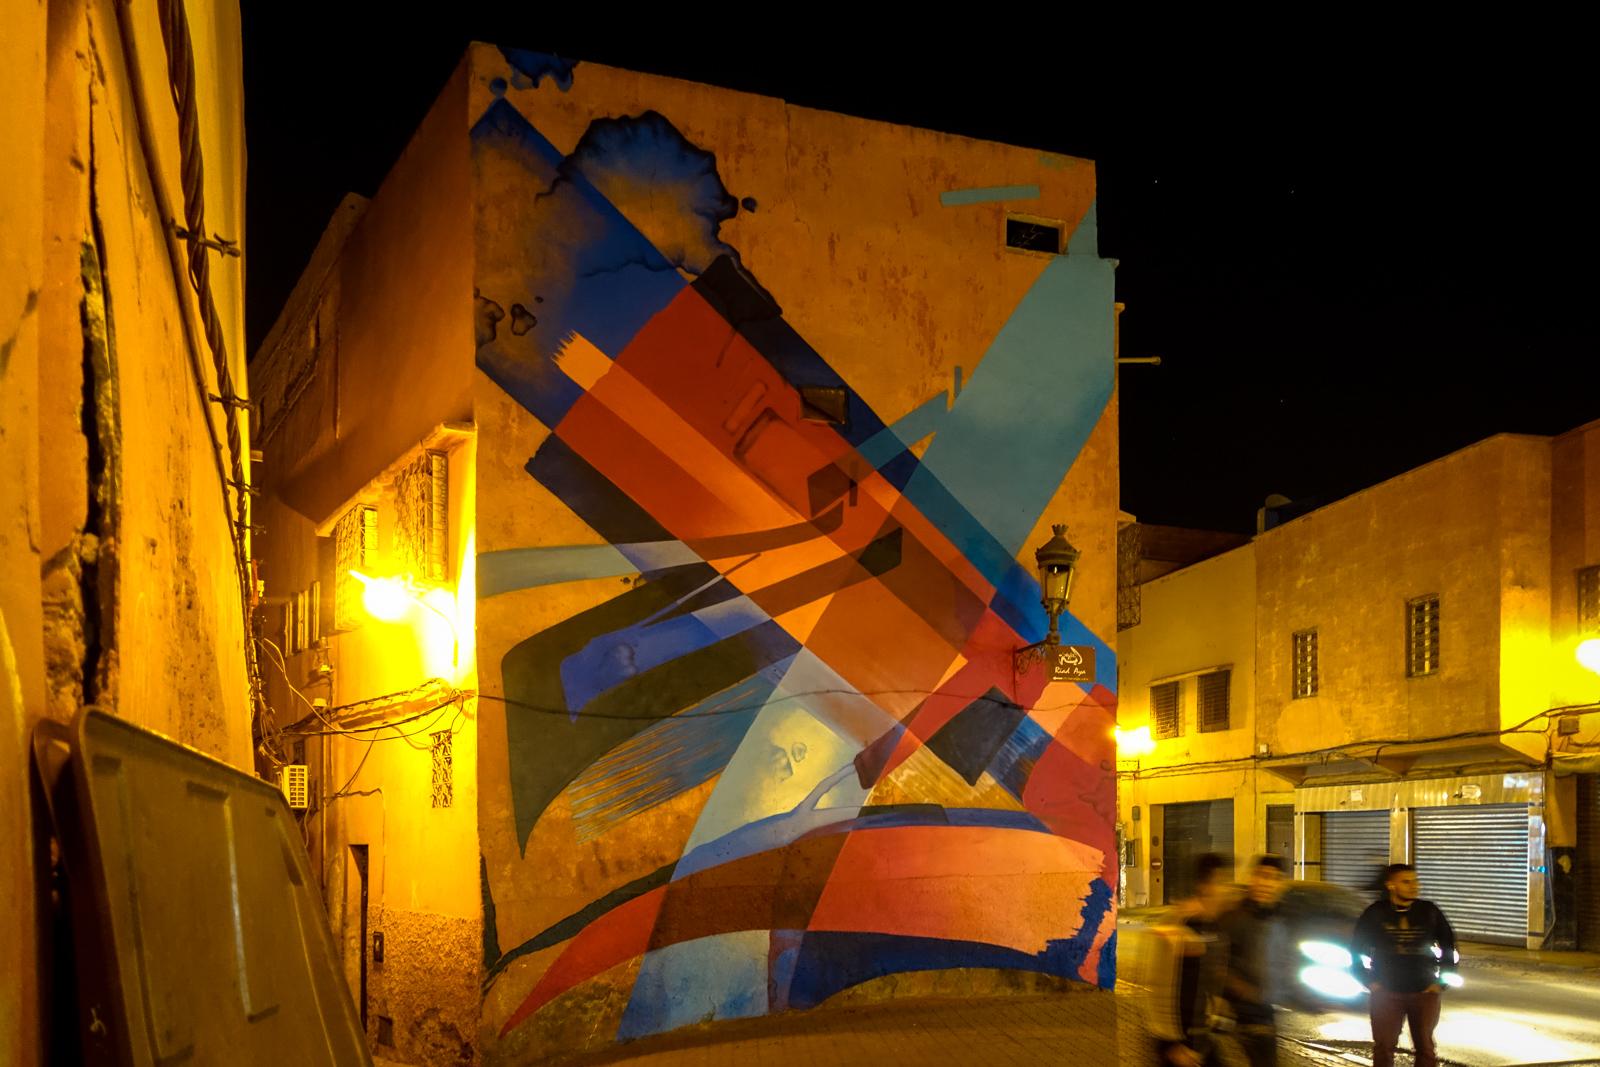 madc mural for mb6 streetart festival, marrakesh